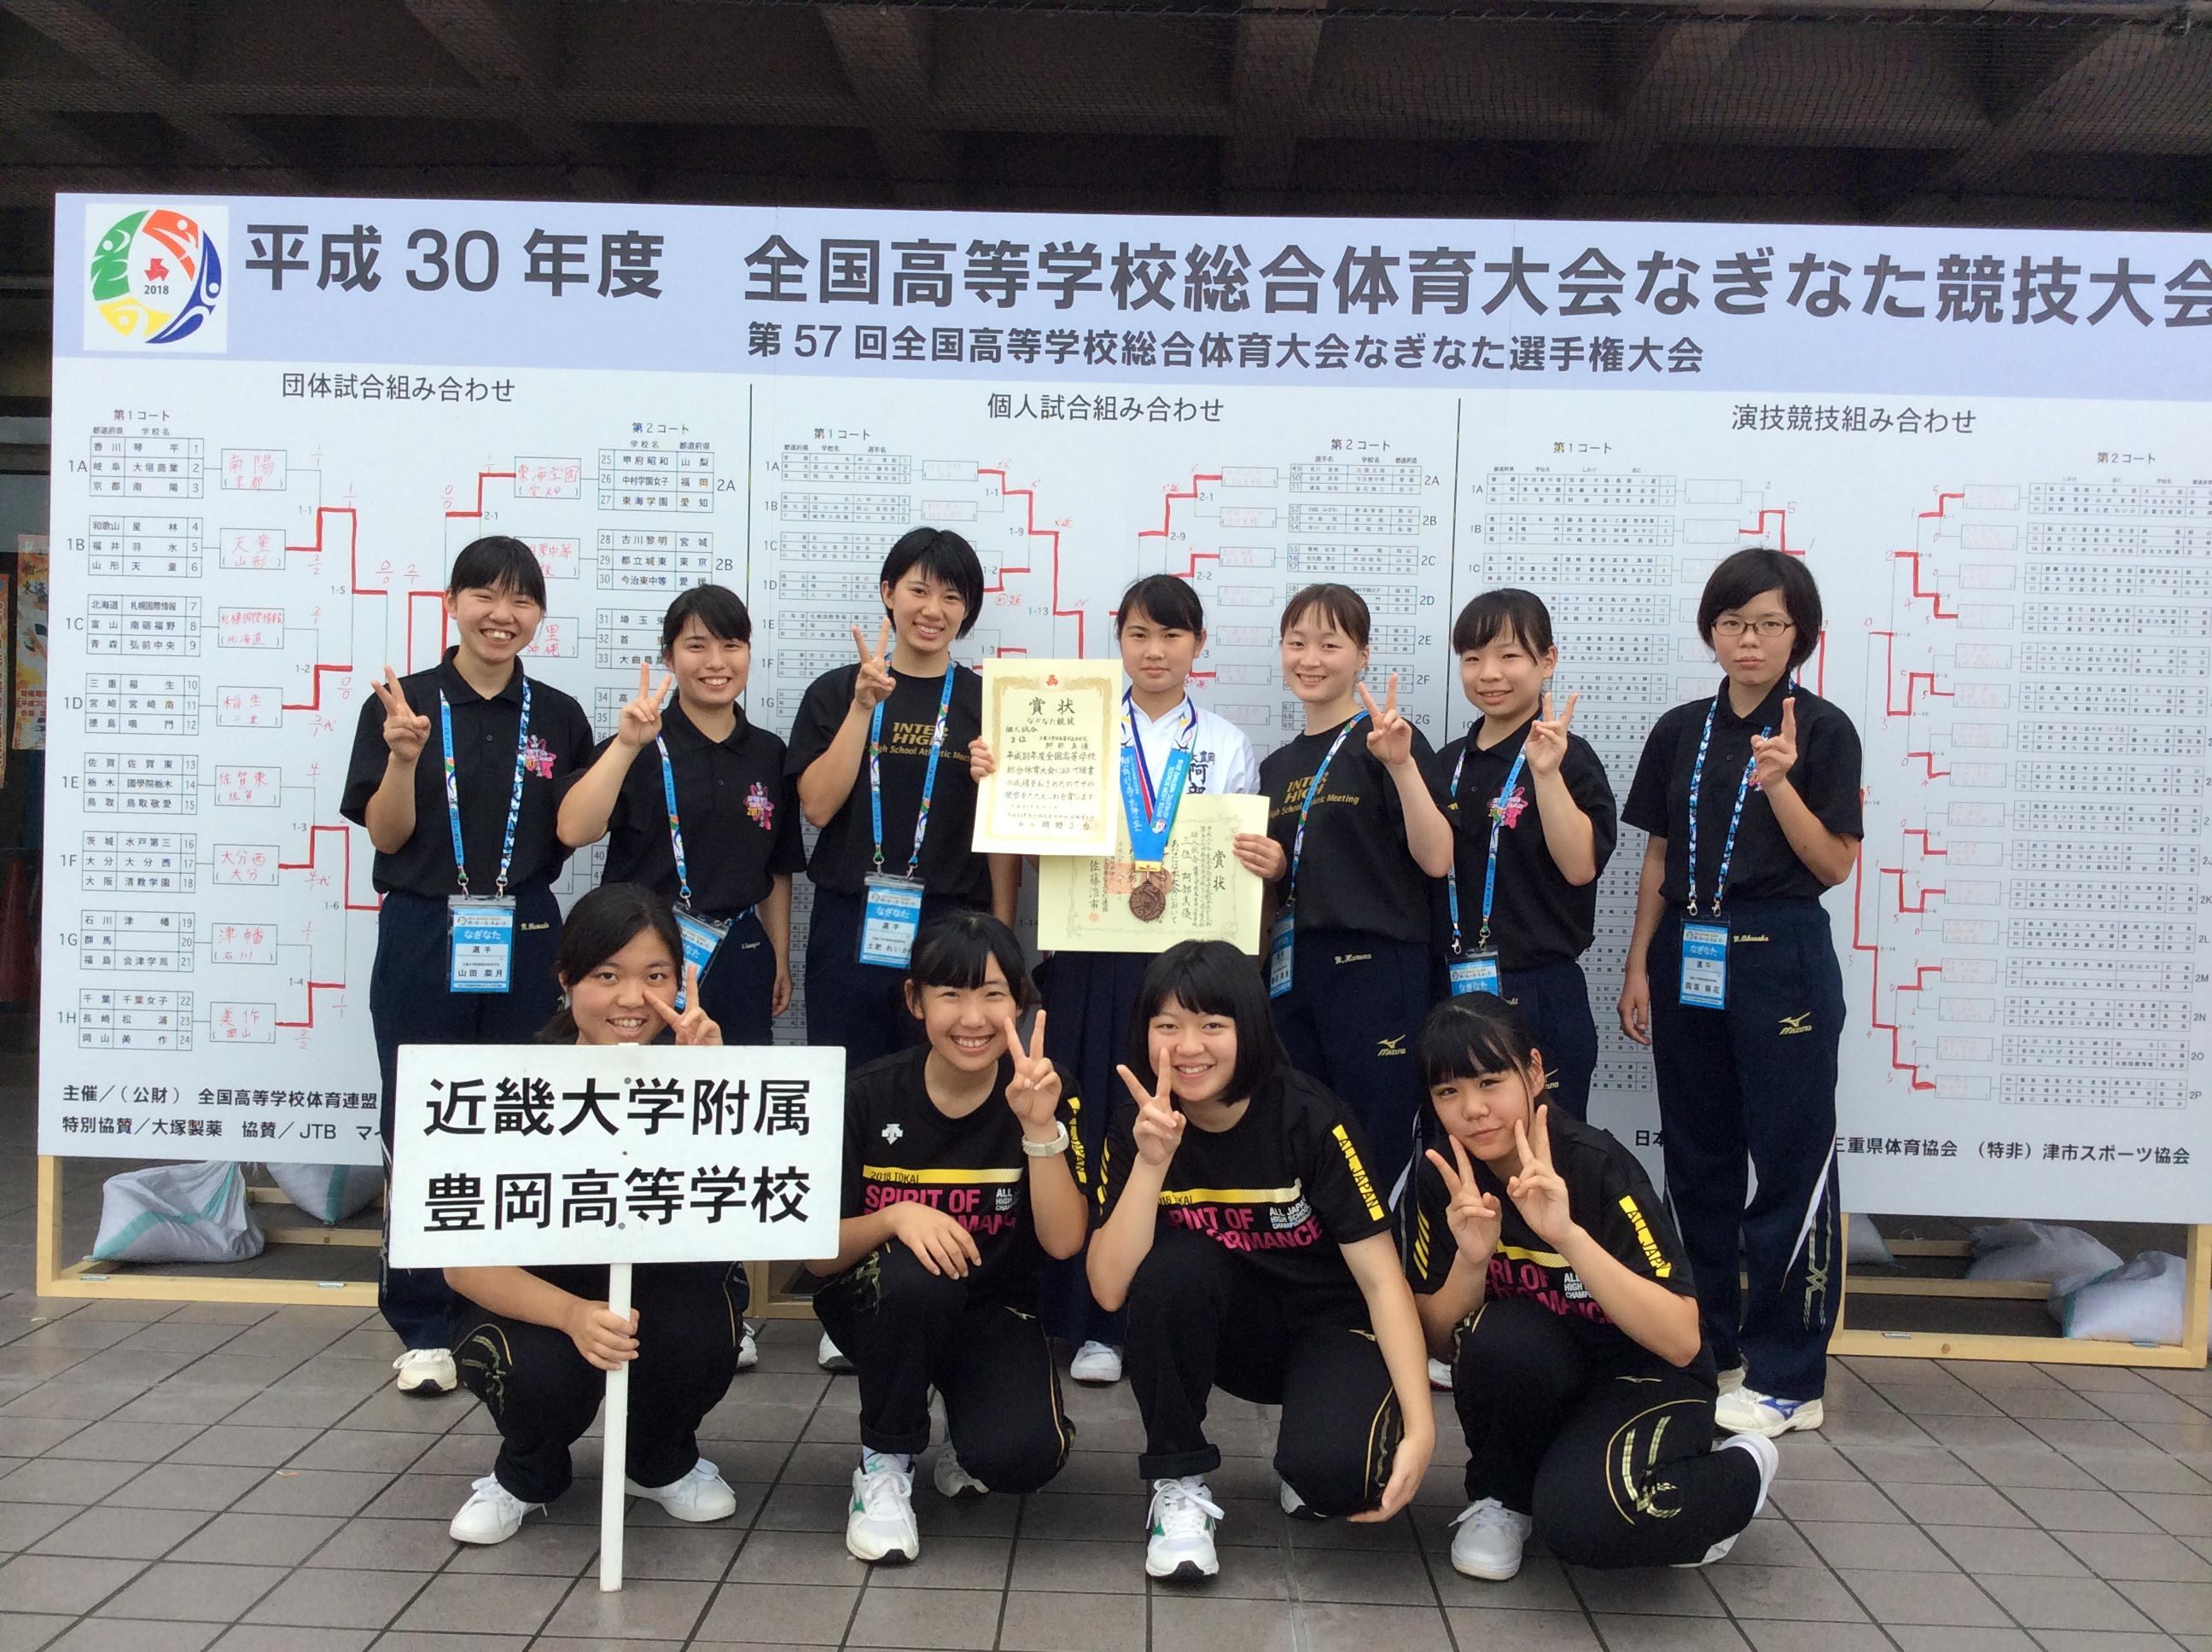 インターハイ2018東海総体 なぎなた部 阿部さん個人試合3位!他、健闘しました!